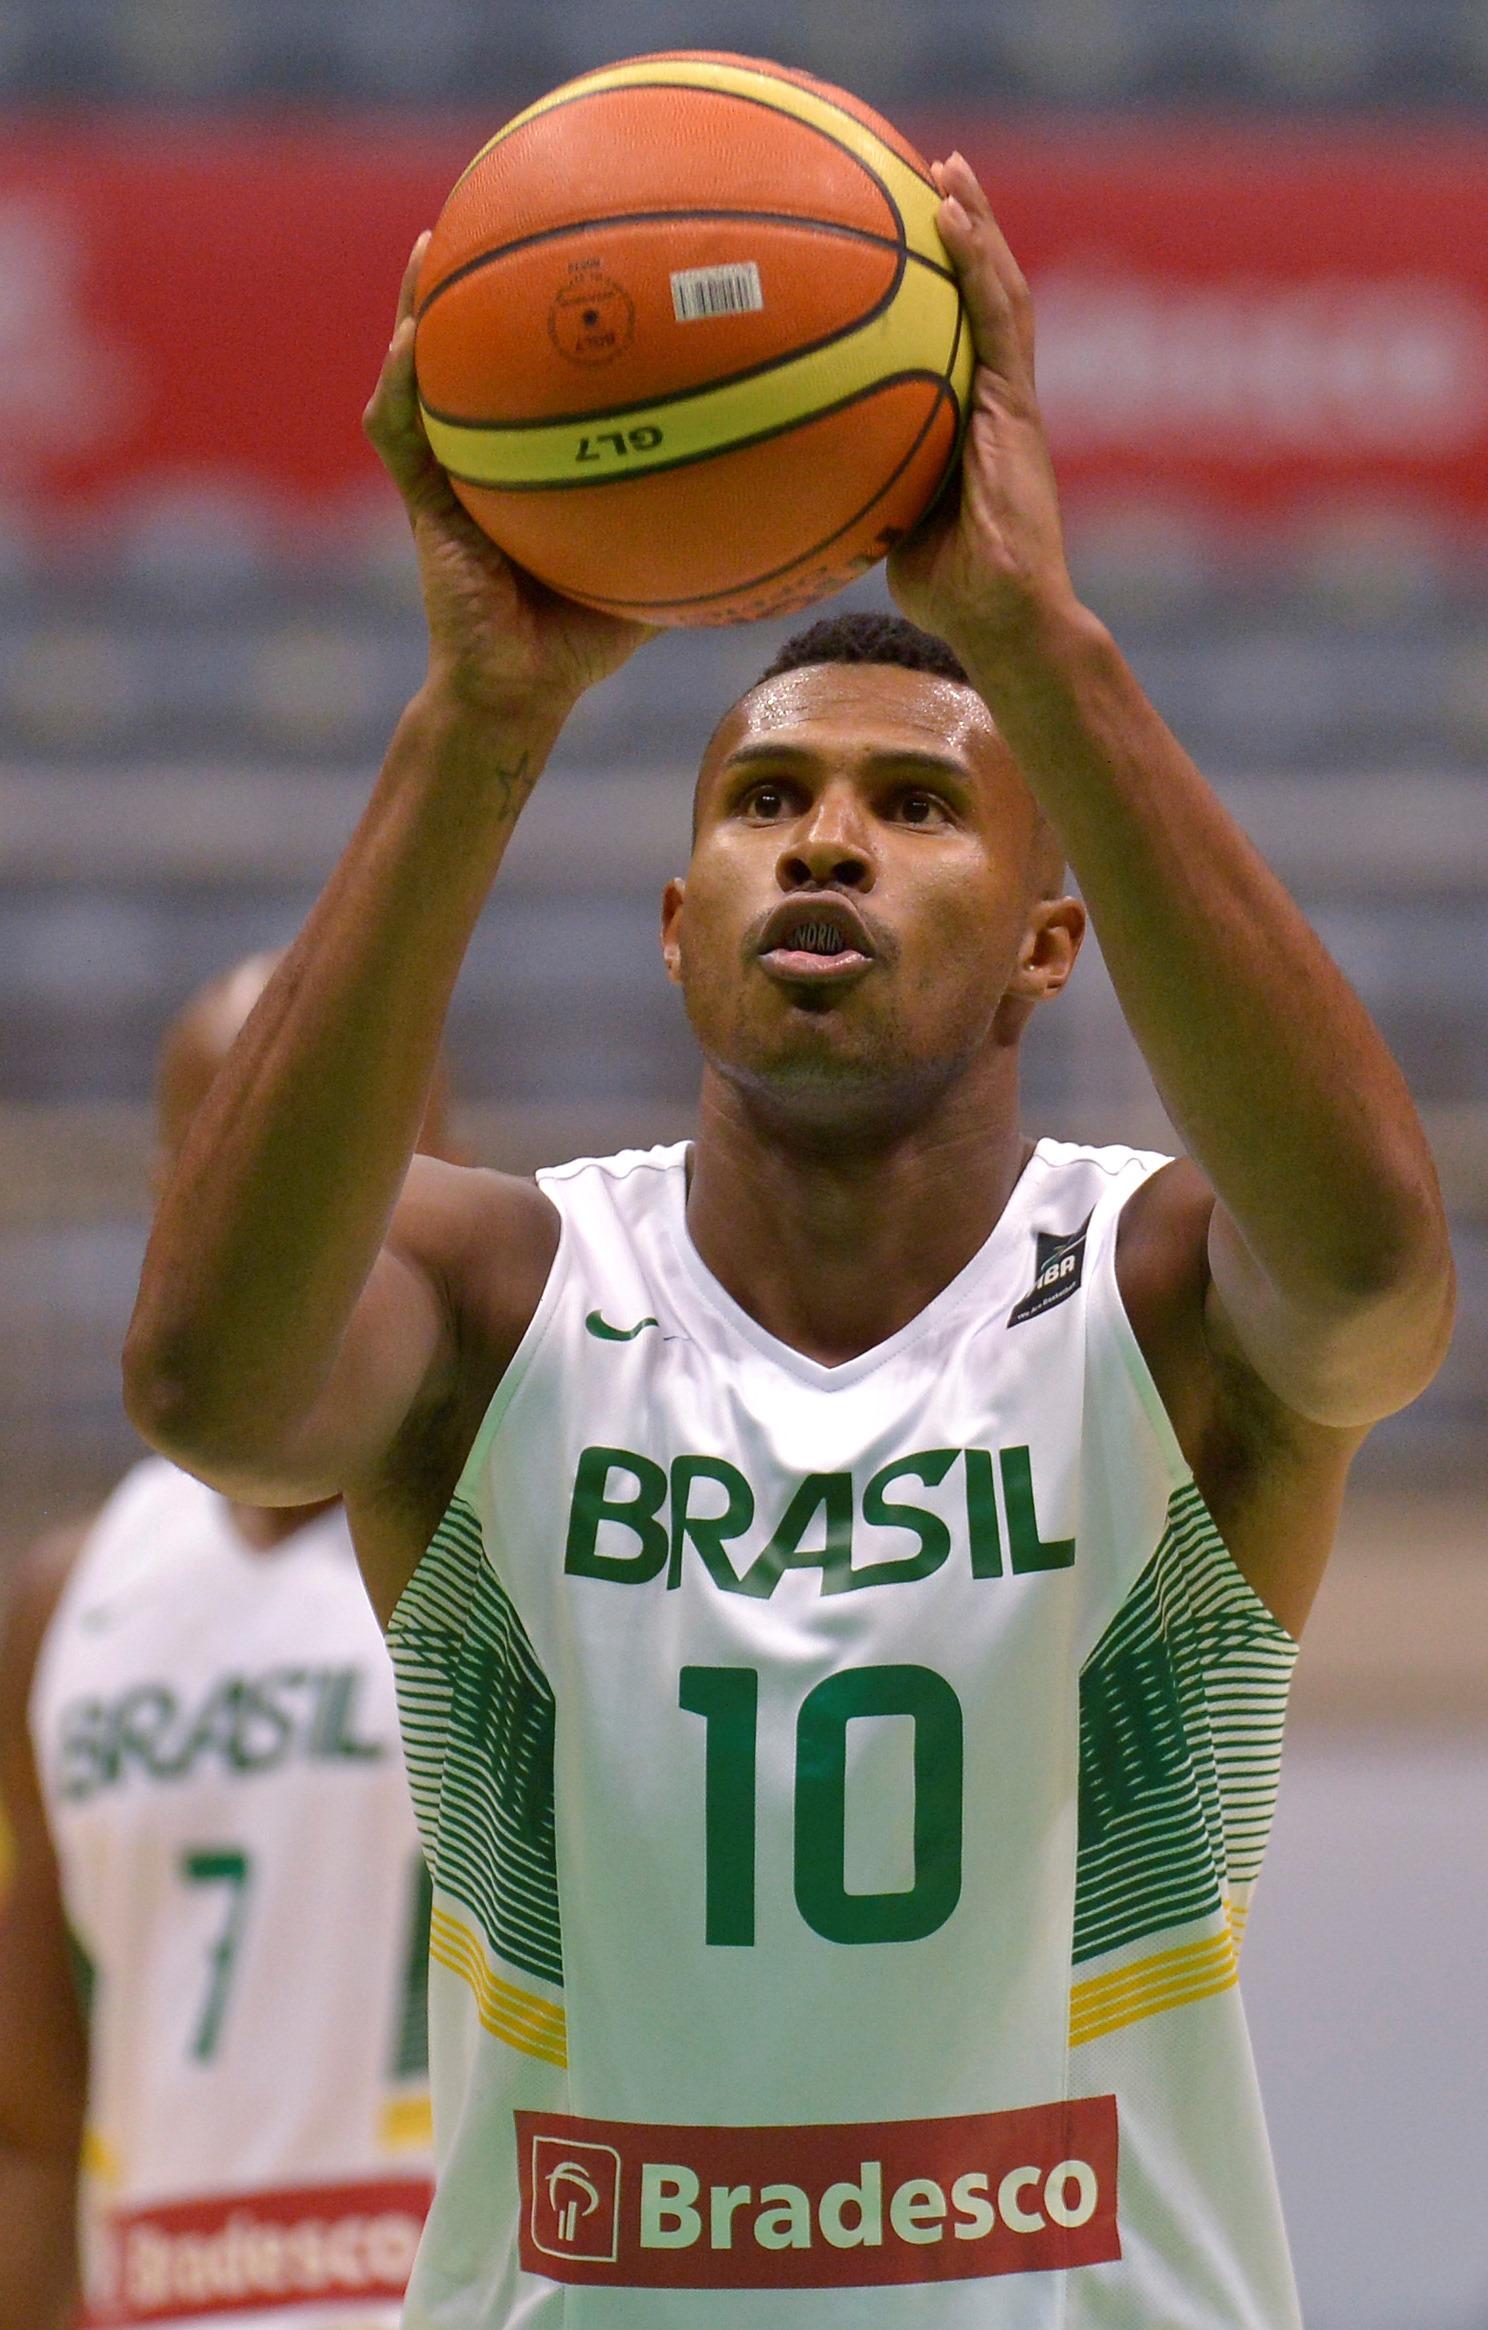 Hoje na Seleção e na NBA, Leandrinho foi outro a debutar como profissional pelo Palmeiras (Gaspar Nobrega/Inovafoto)